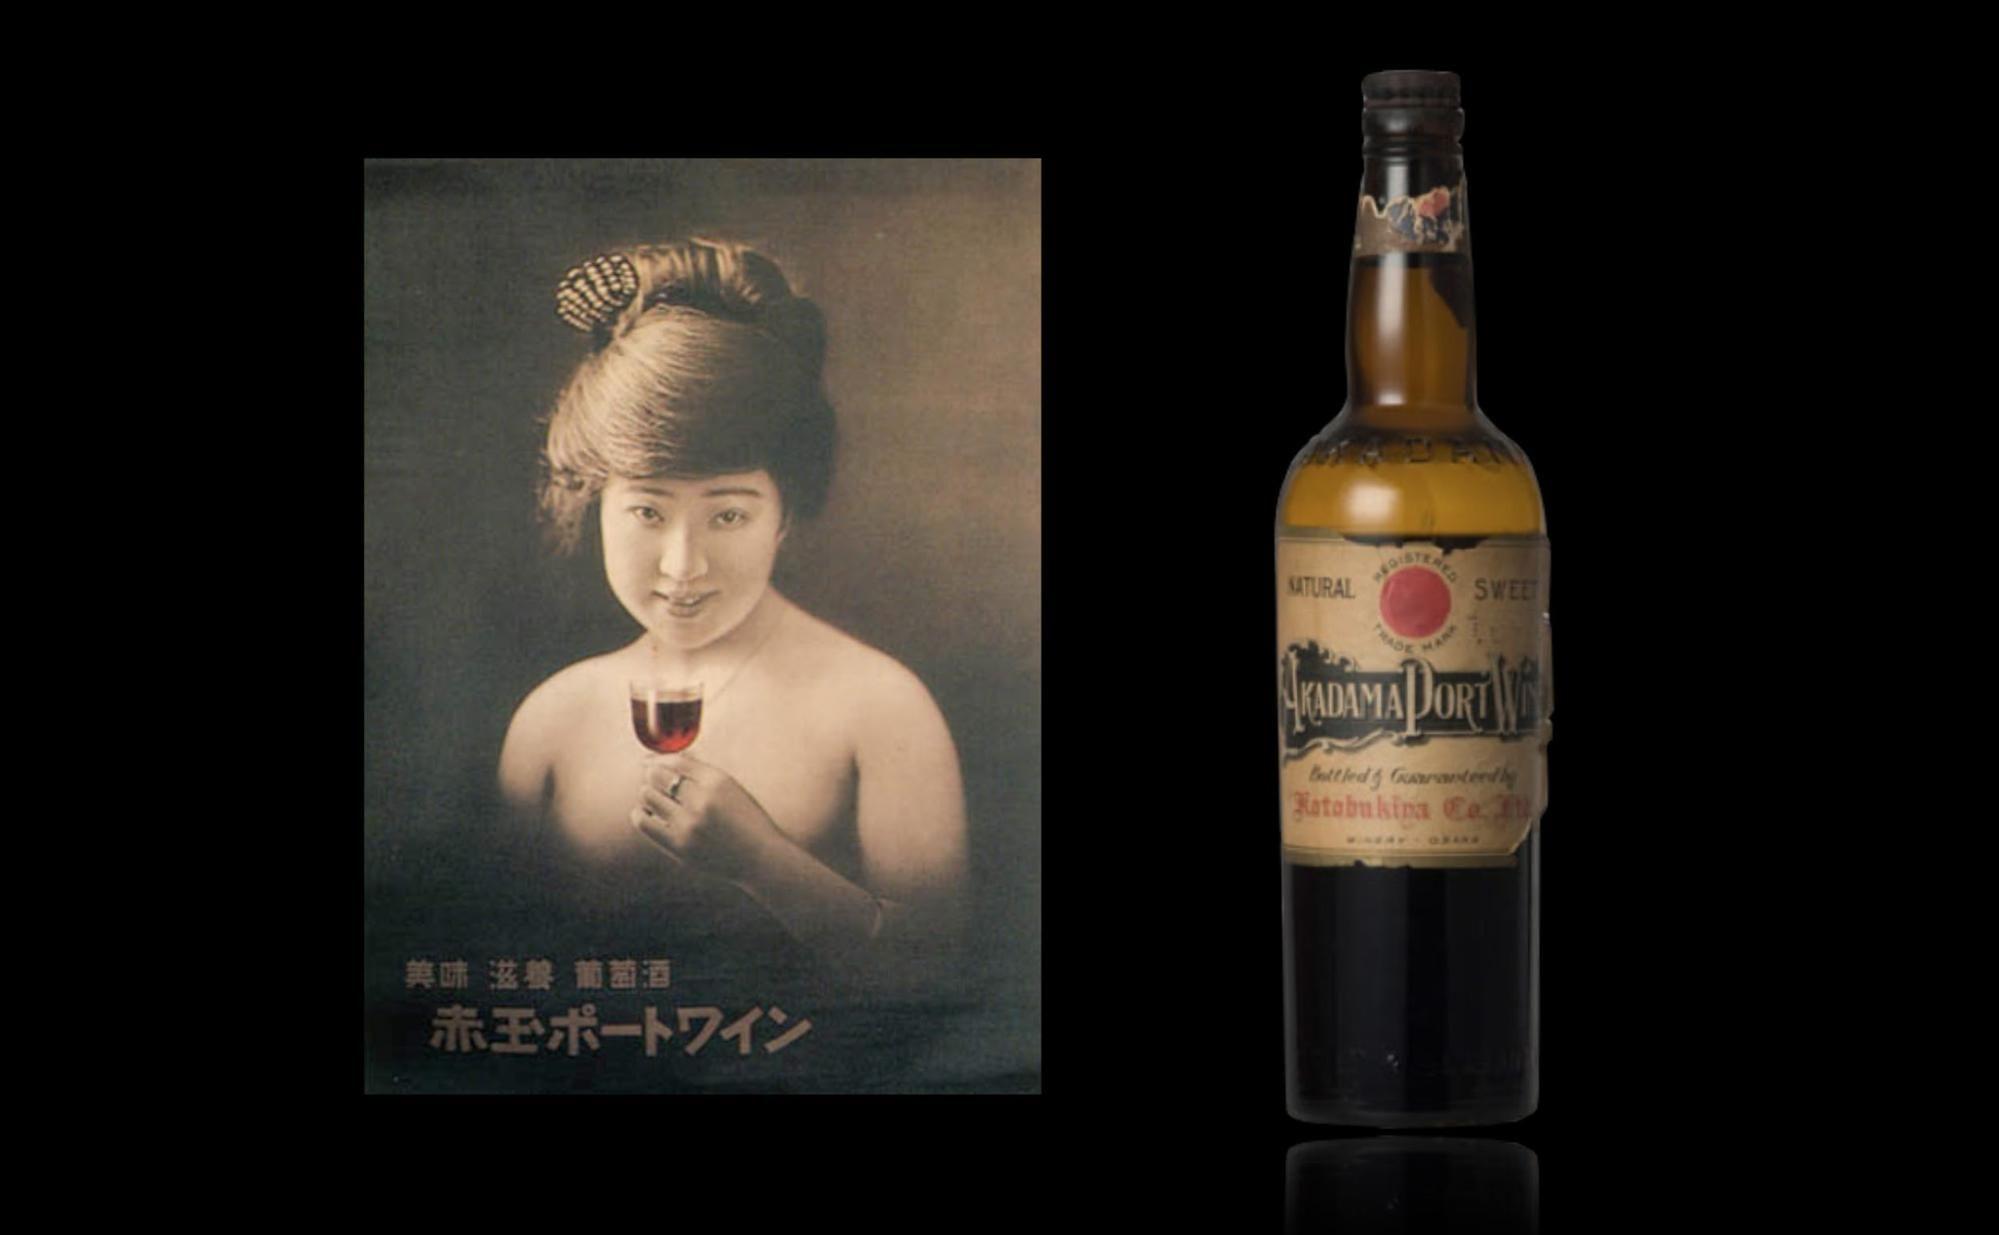 日本ではじめてヌード写真を使用した赤玉ポートワインの広告